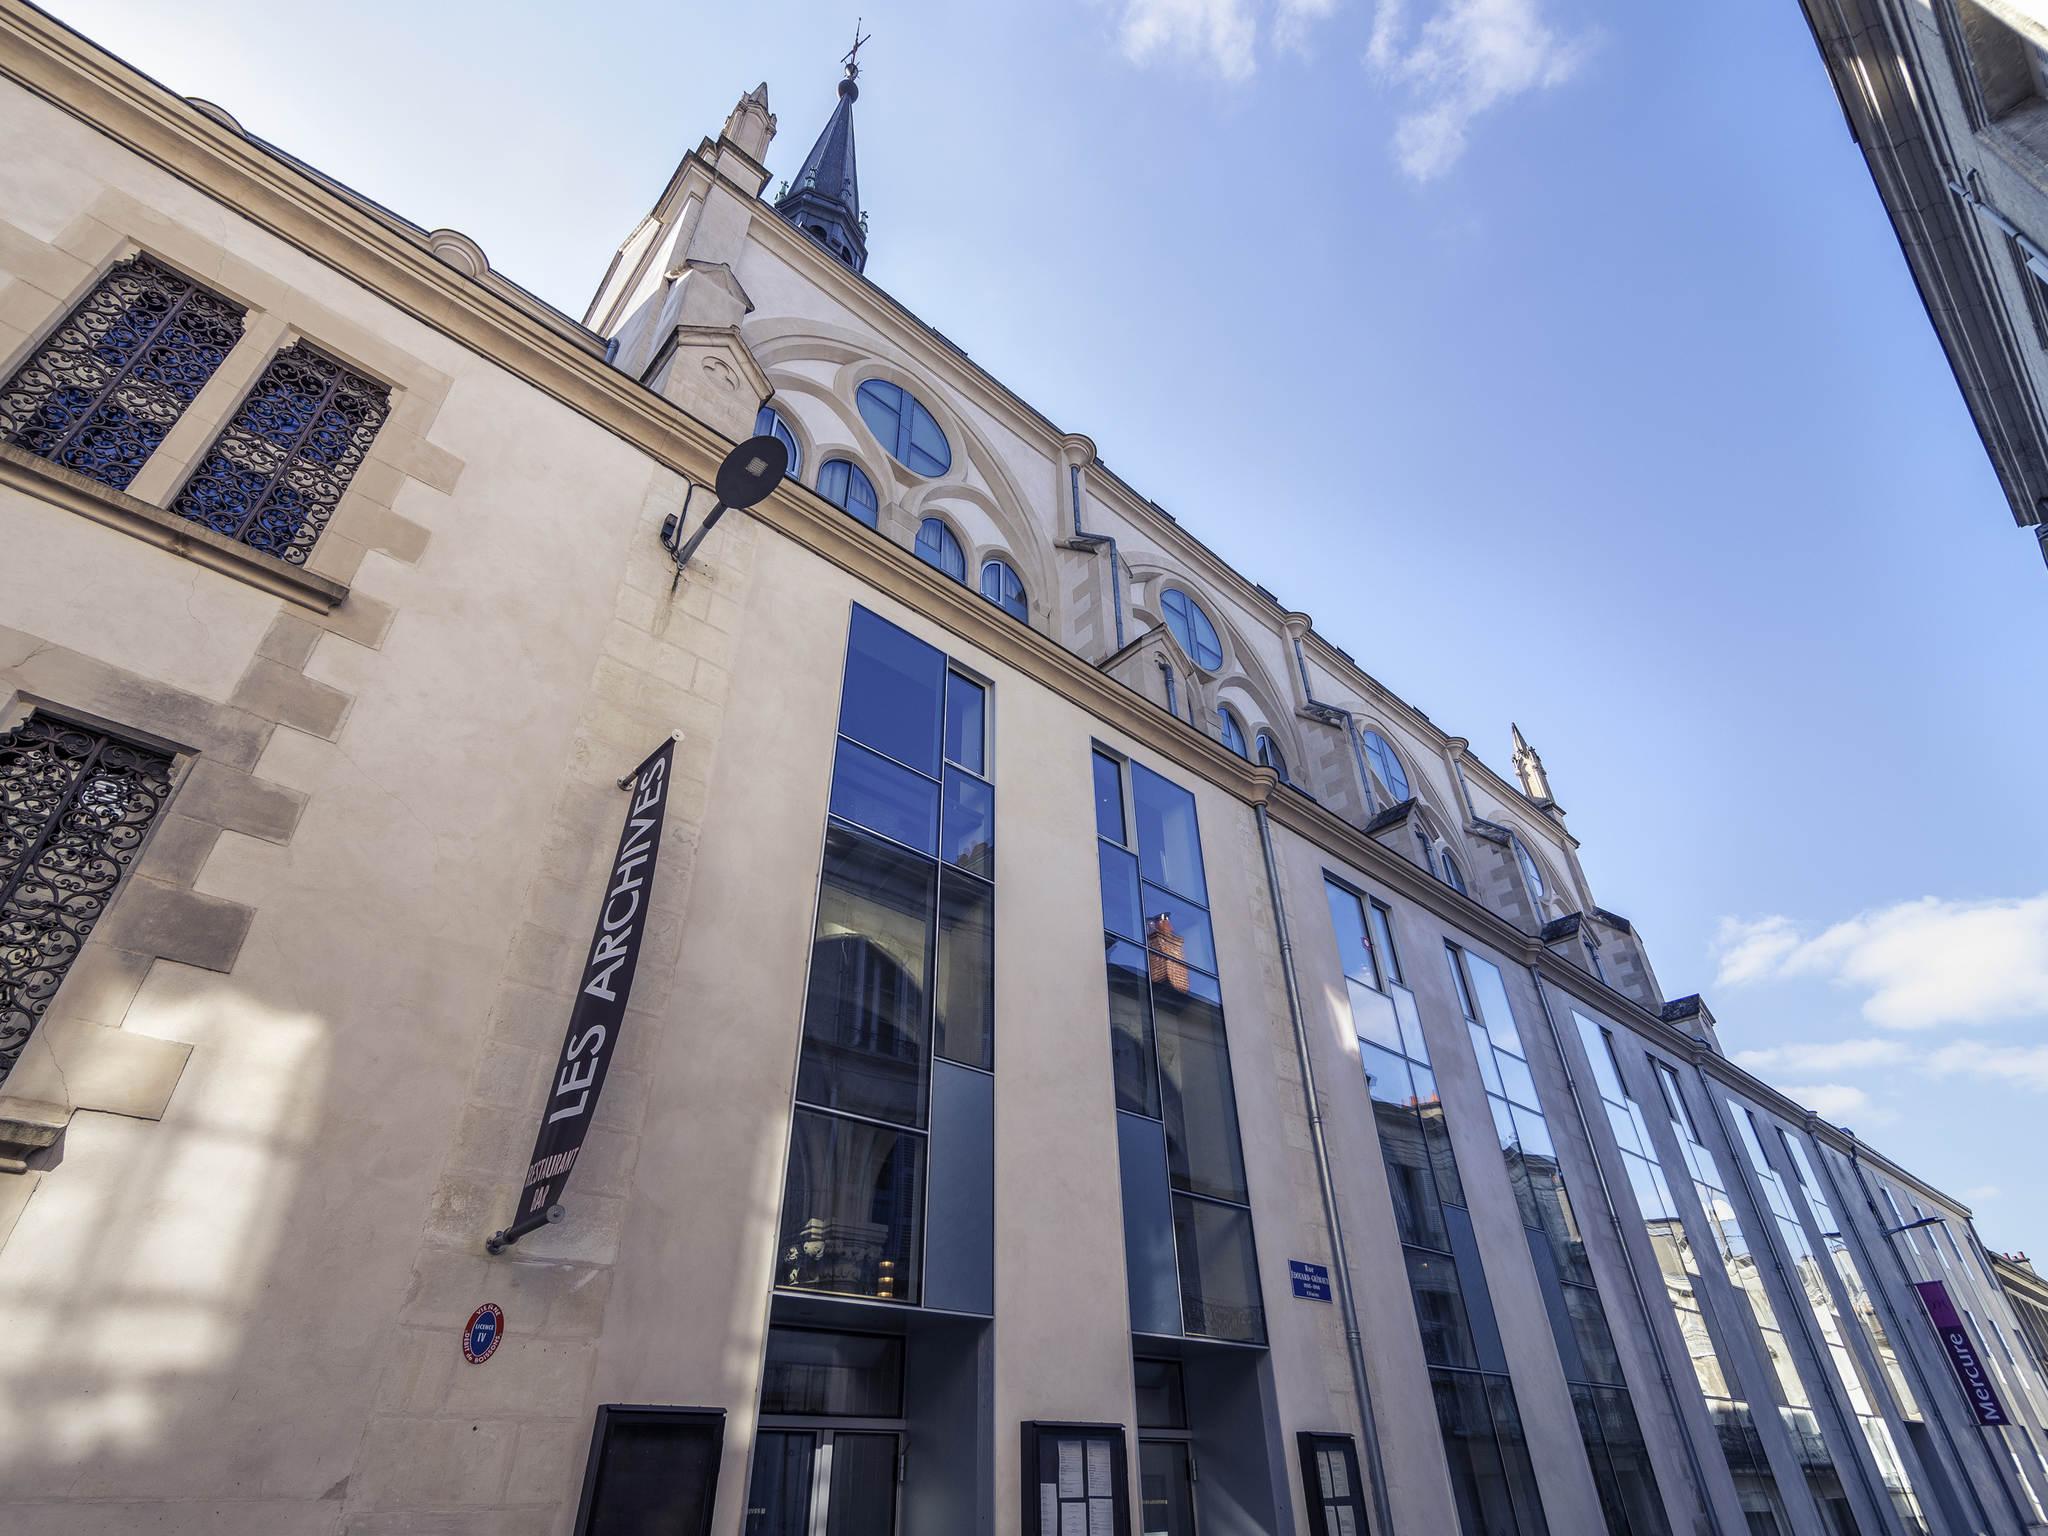 Hôtel - Hôtel Mercure Poitiers Centre